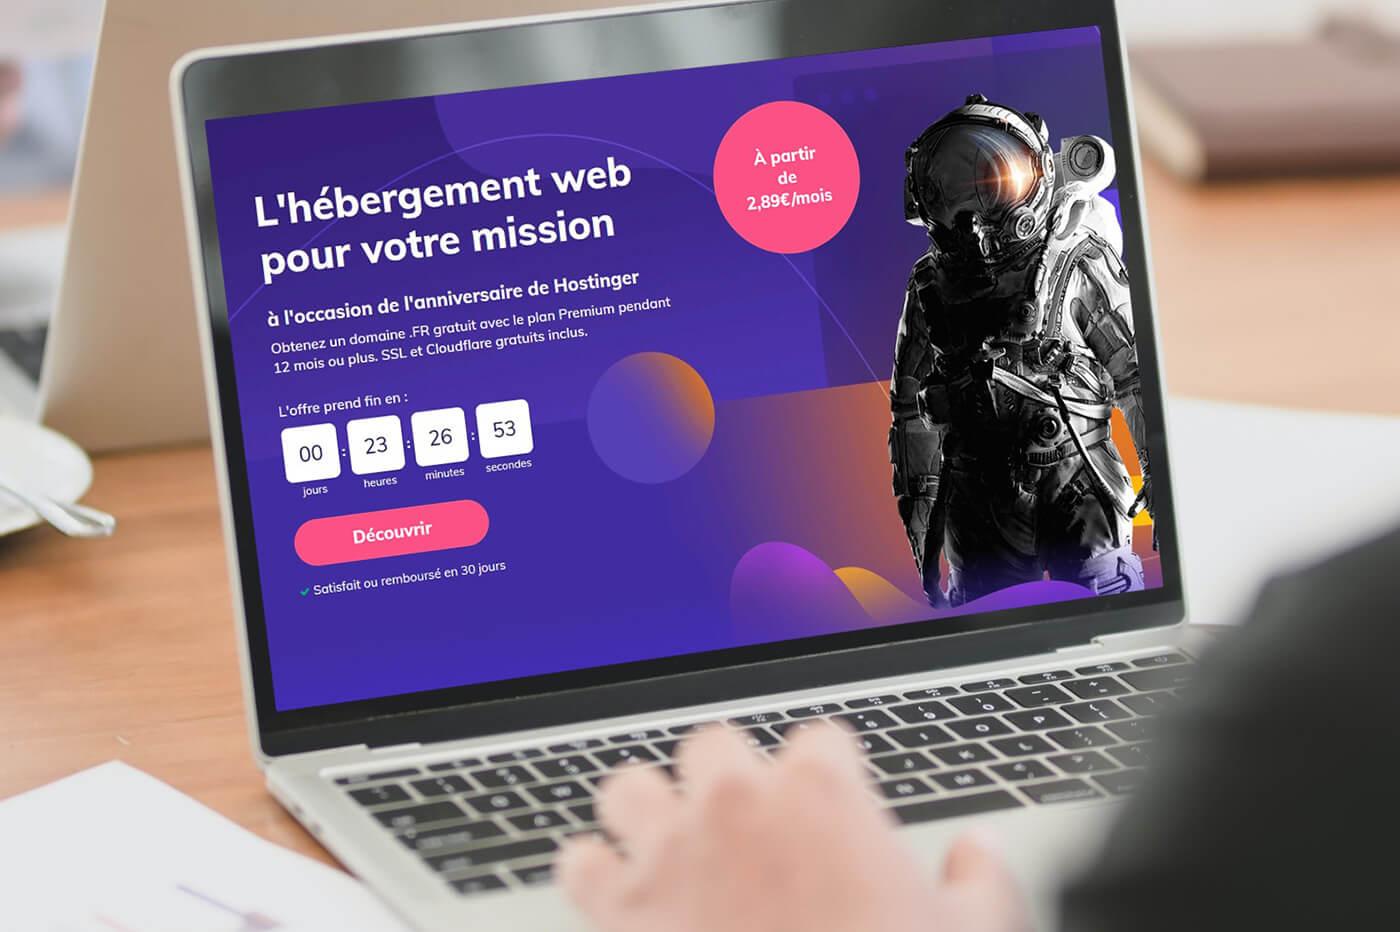 Promotion Hébergement web Hostinger